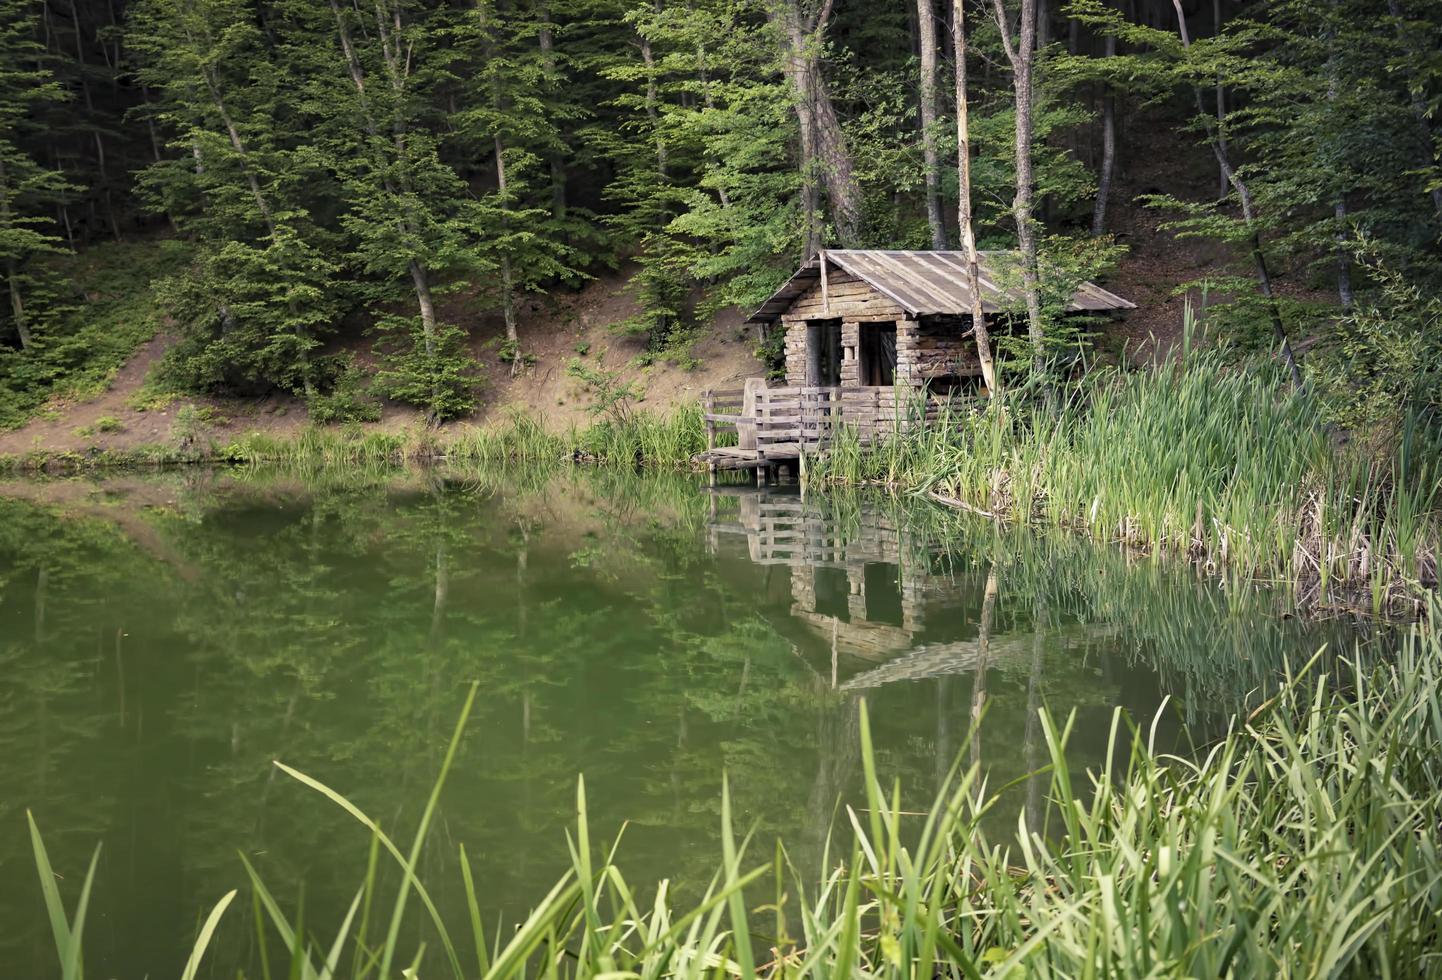 eine Hütte an einem See, umgeben von Bäumen in Jalta, Krim foto